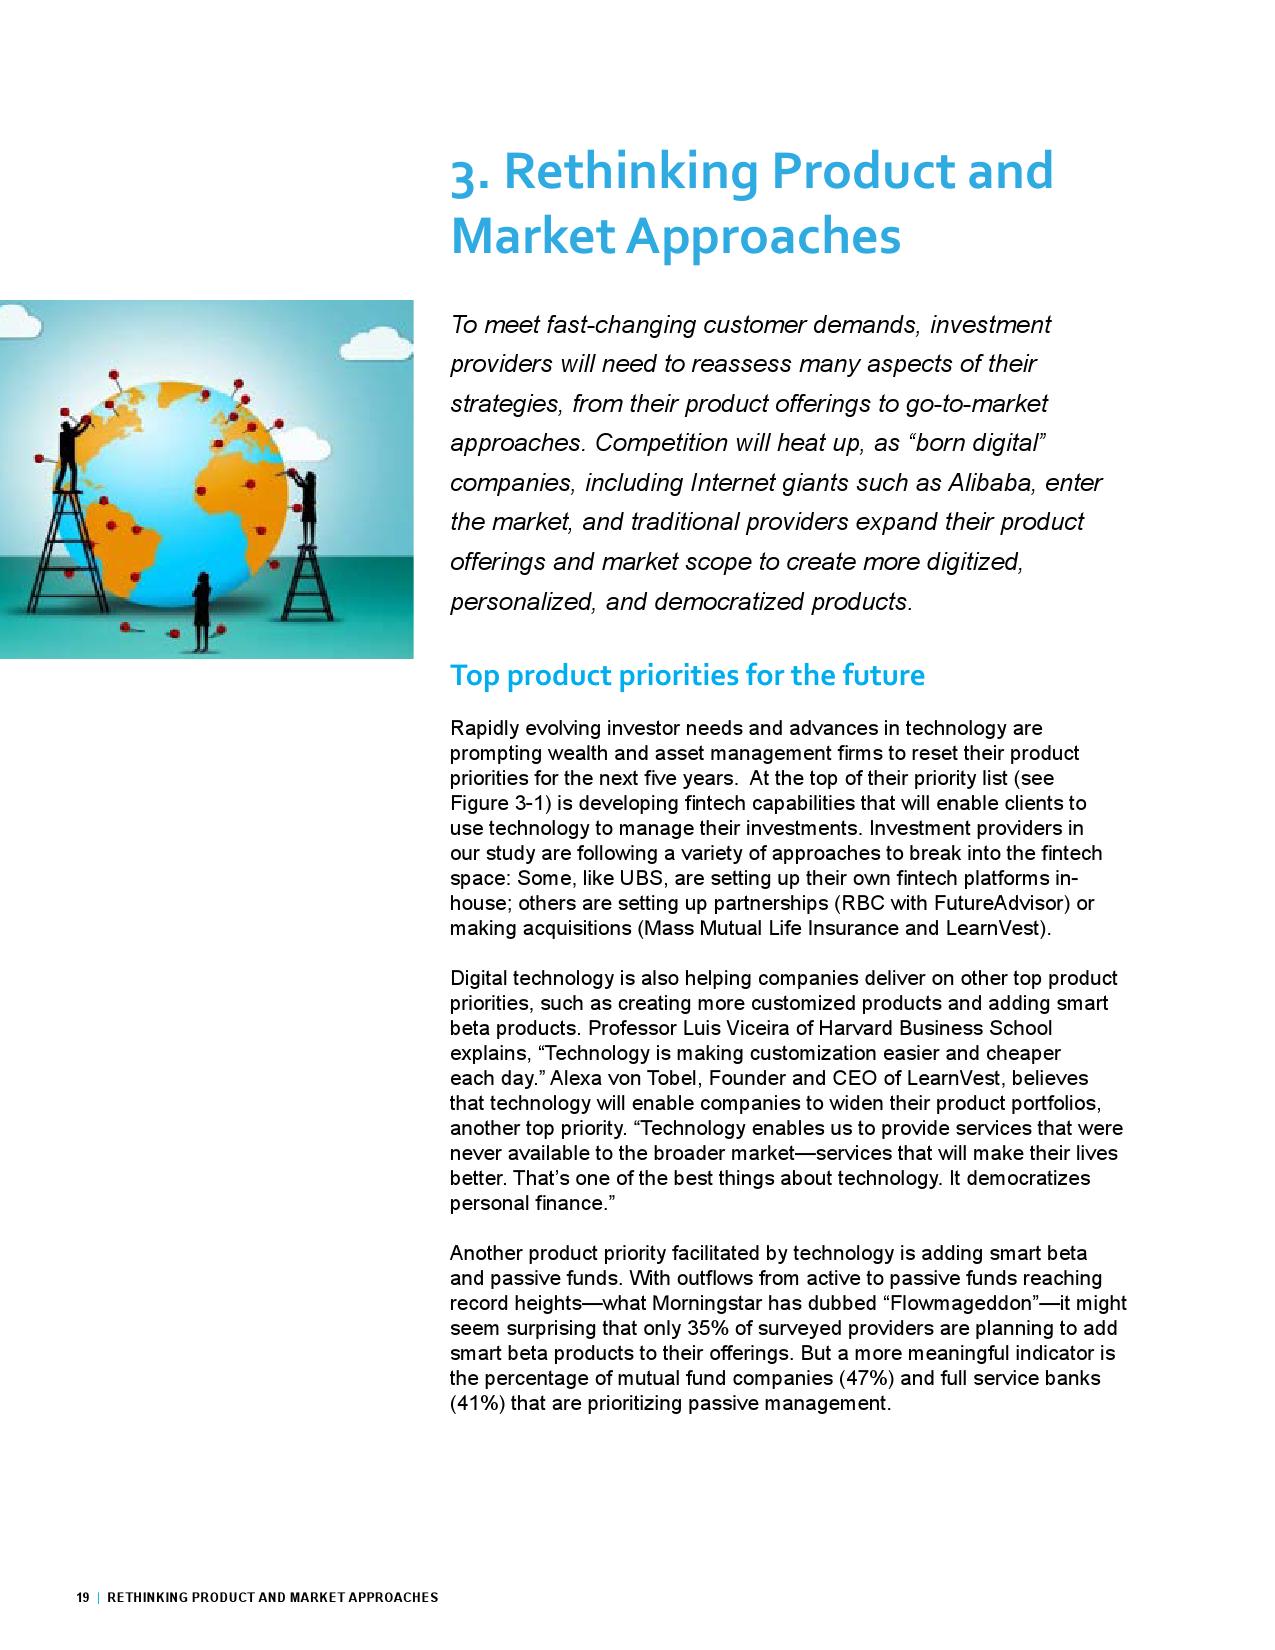 2021年资产和资产管理_000020